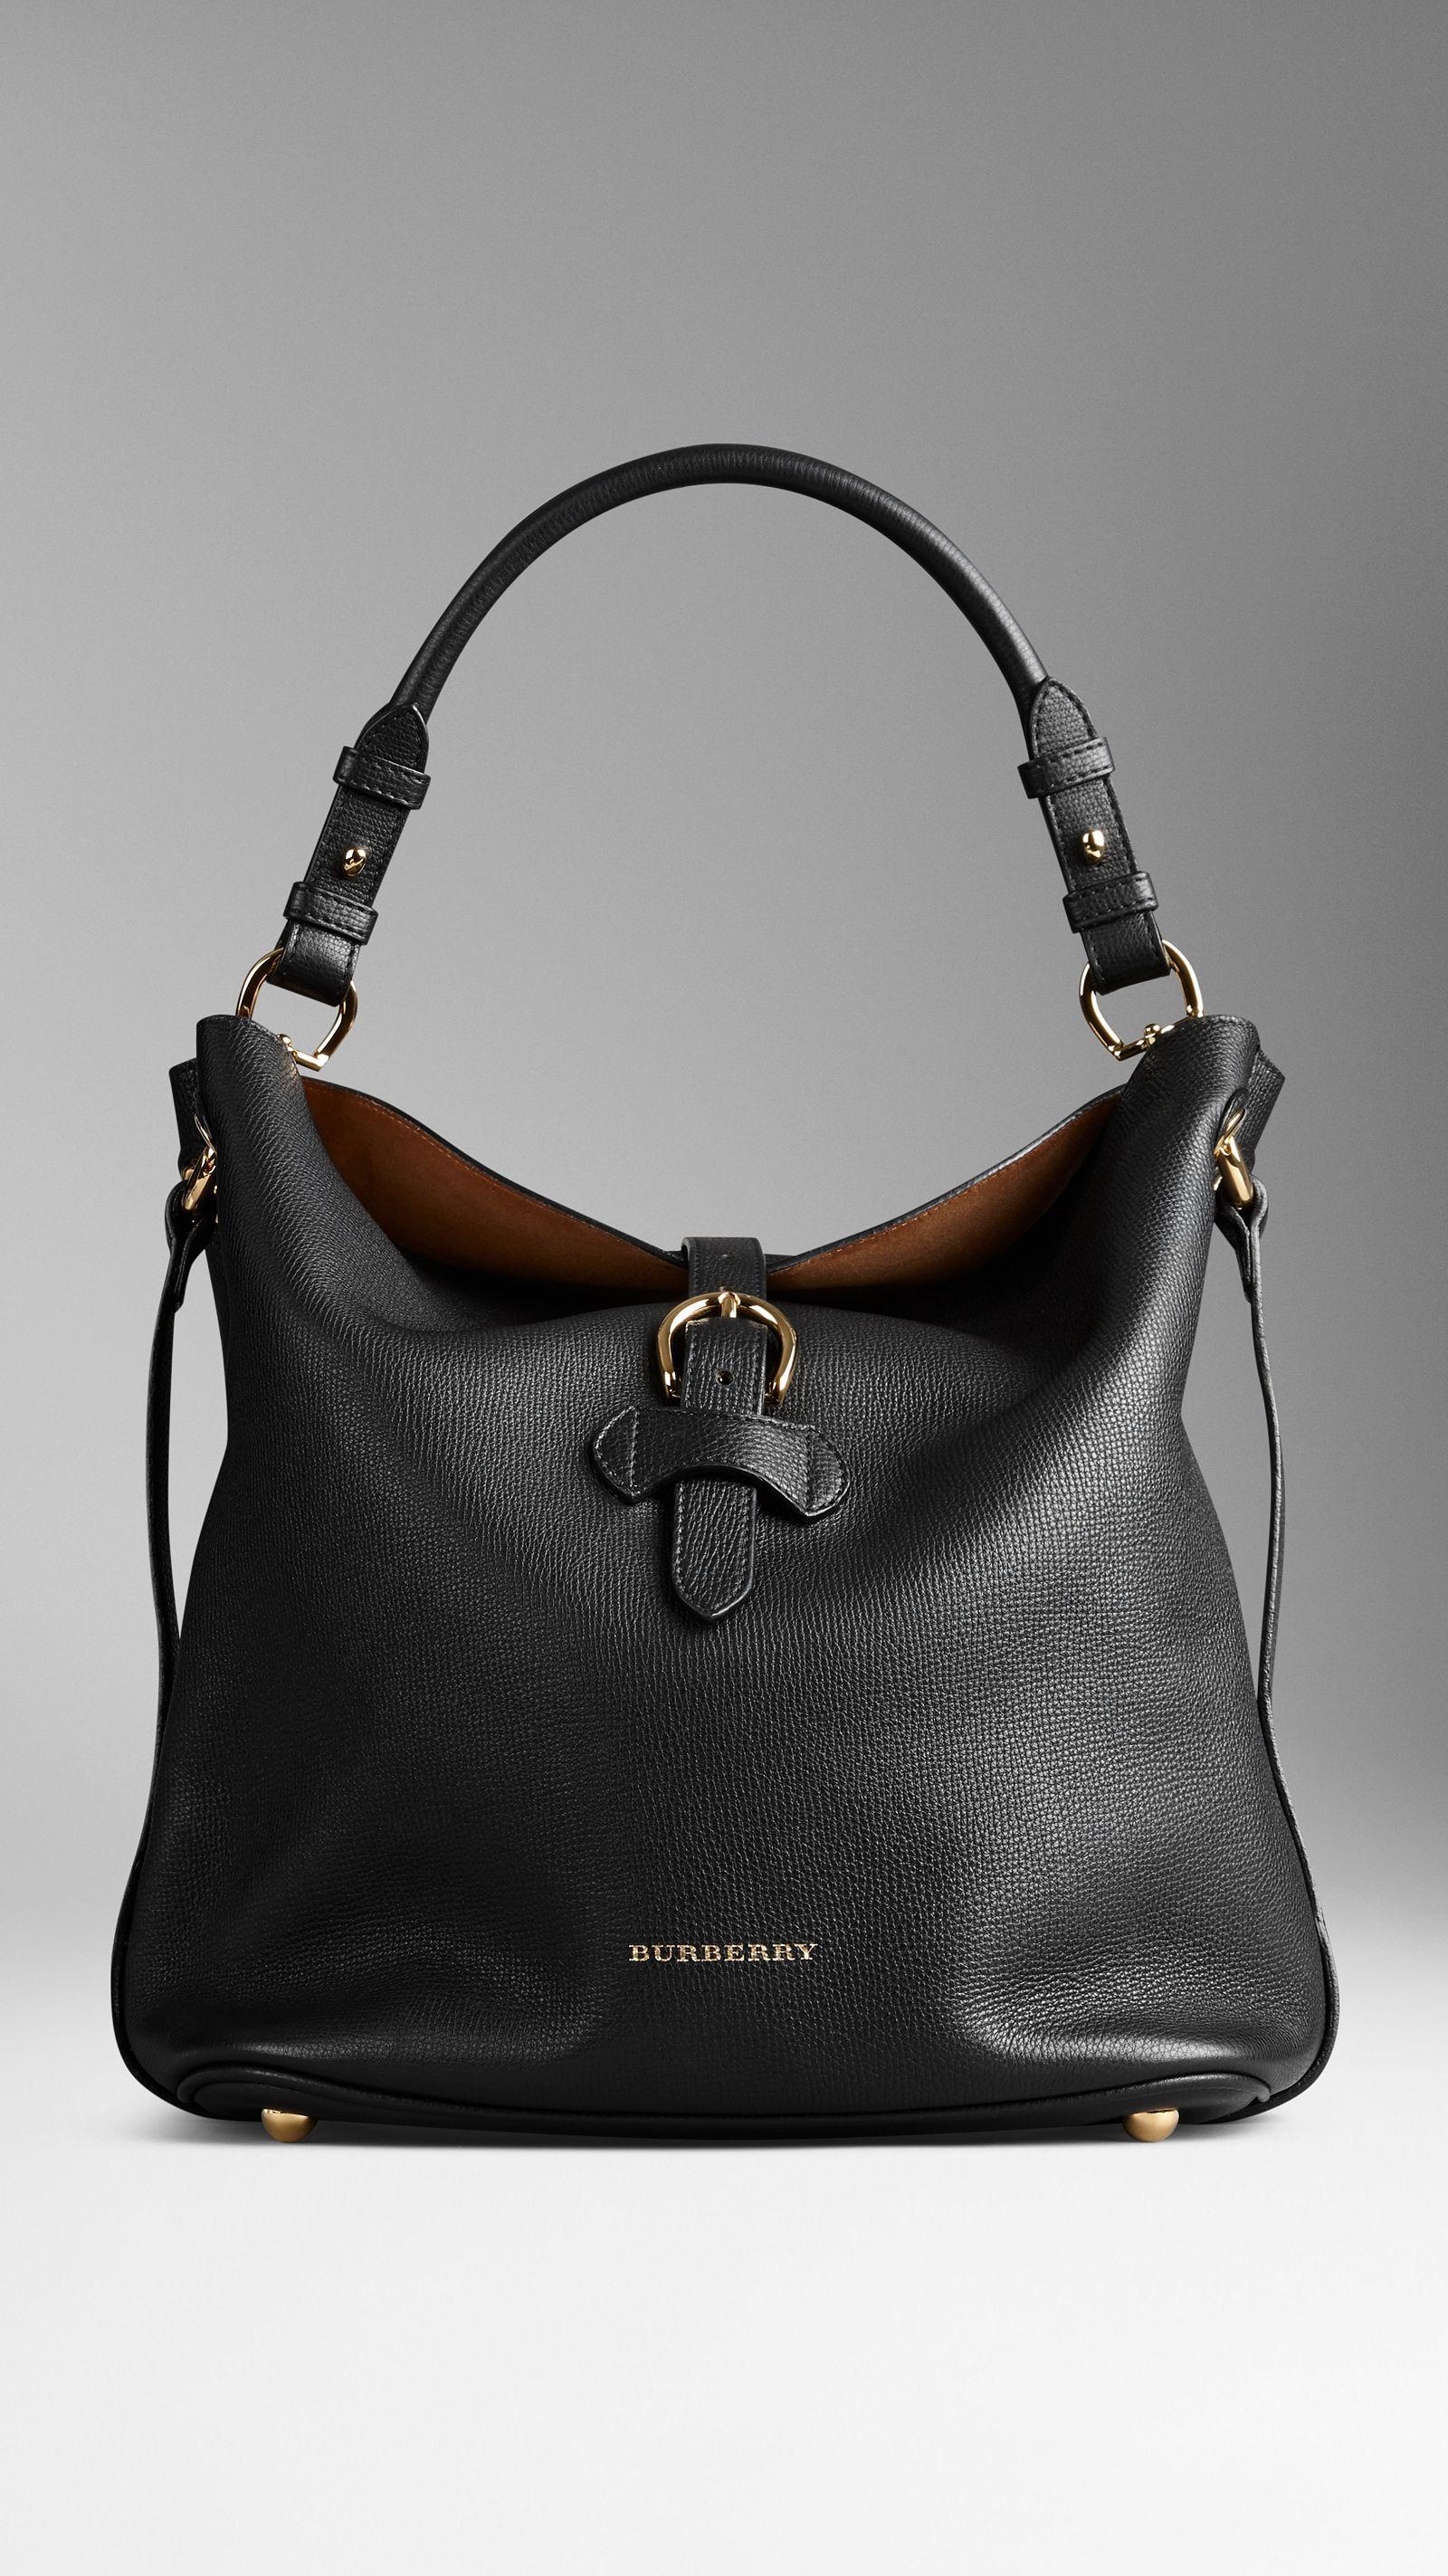 Burberry | Burberry taschen, Taschen damen und Umhängetasche